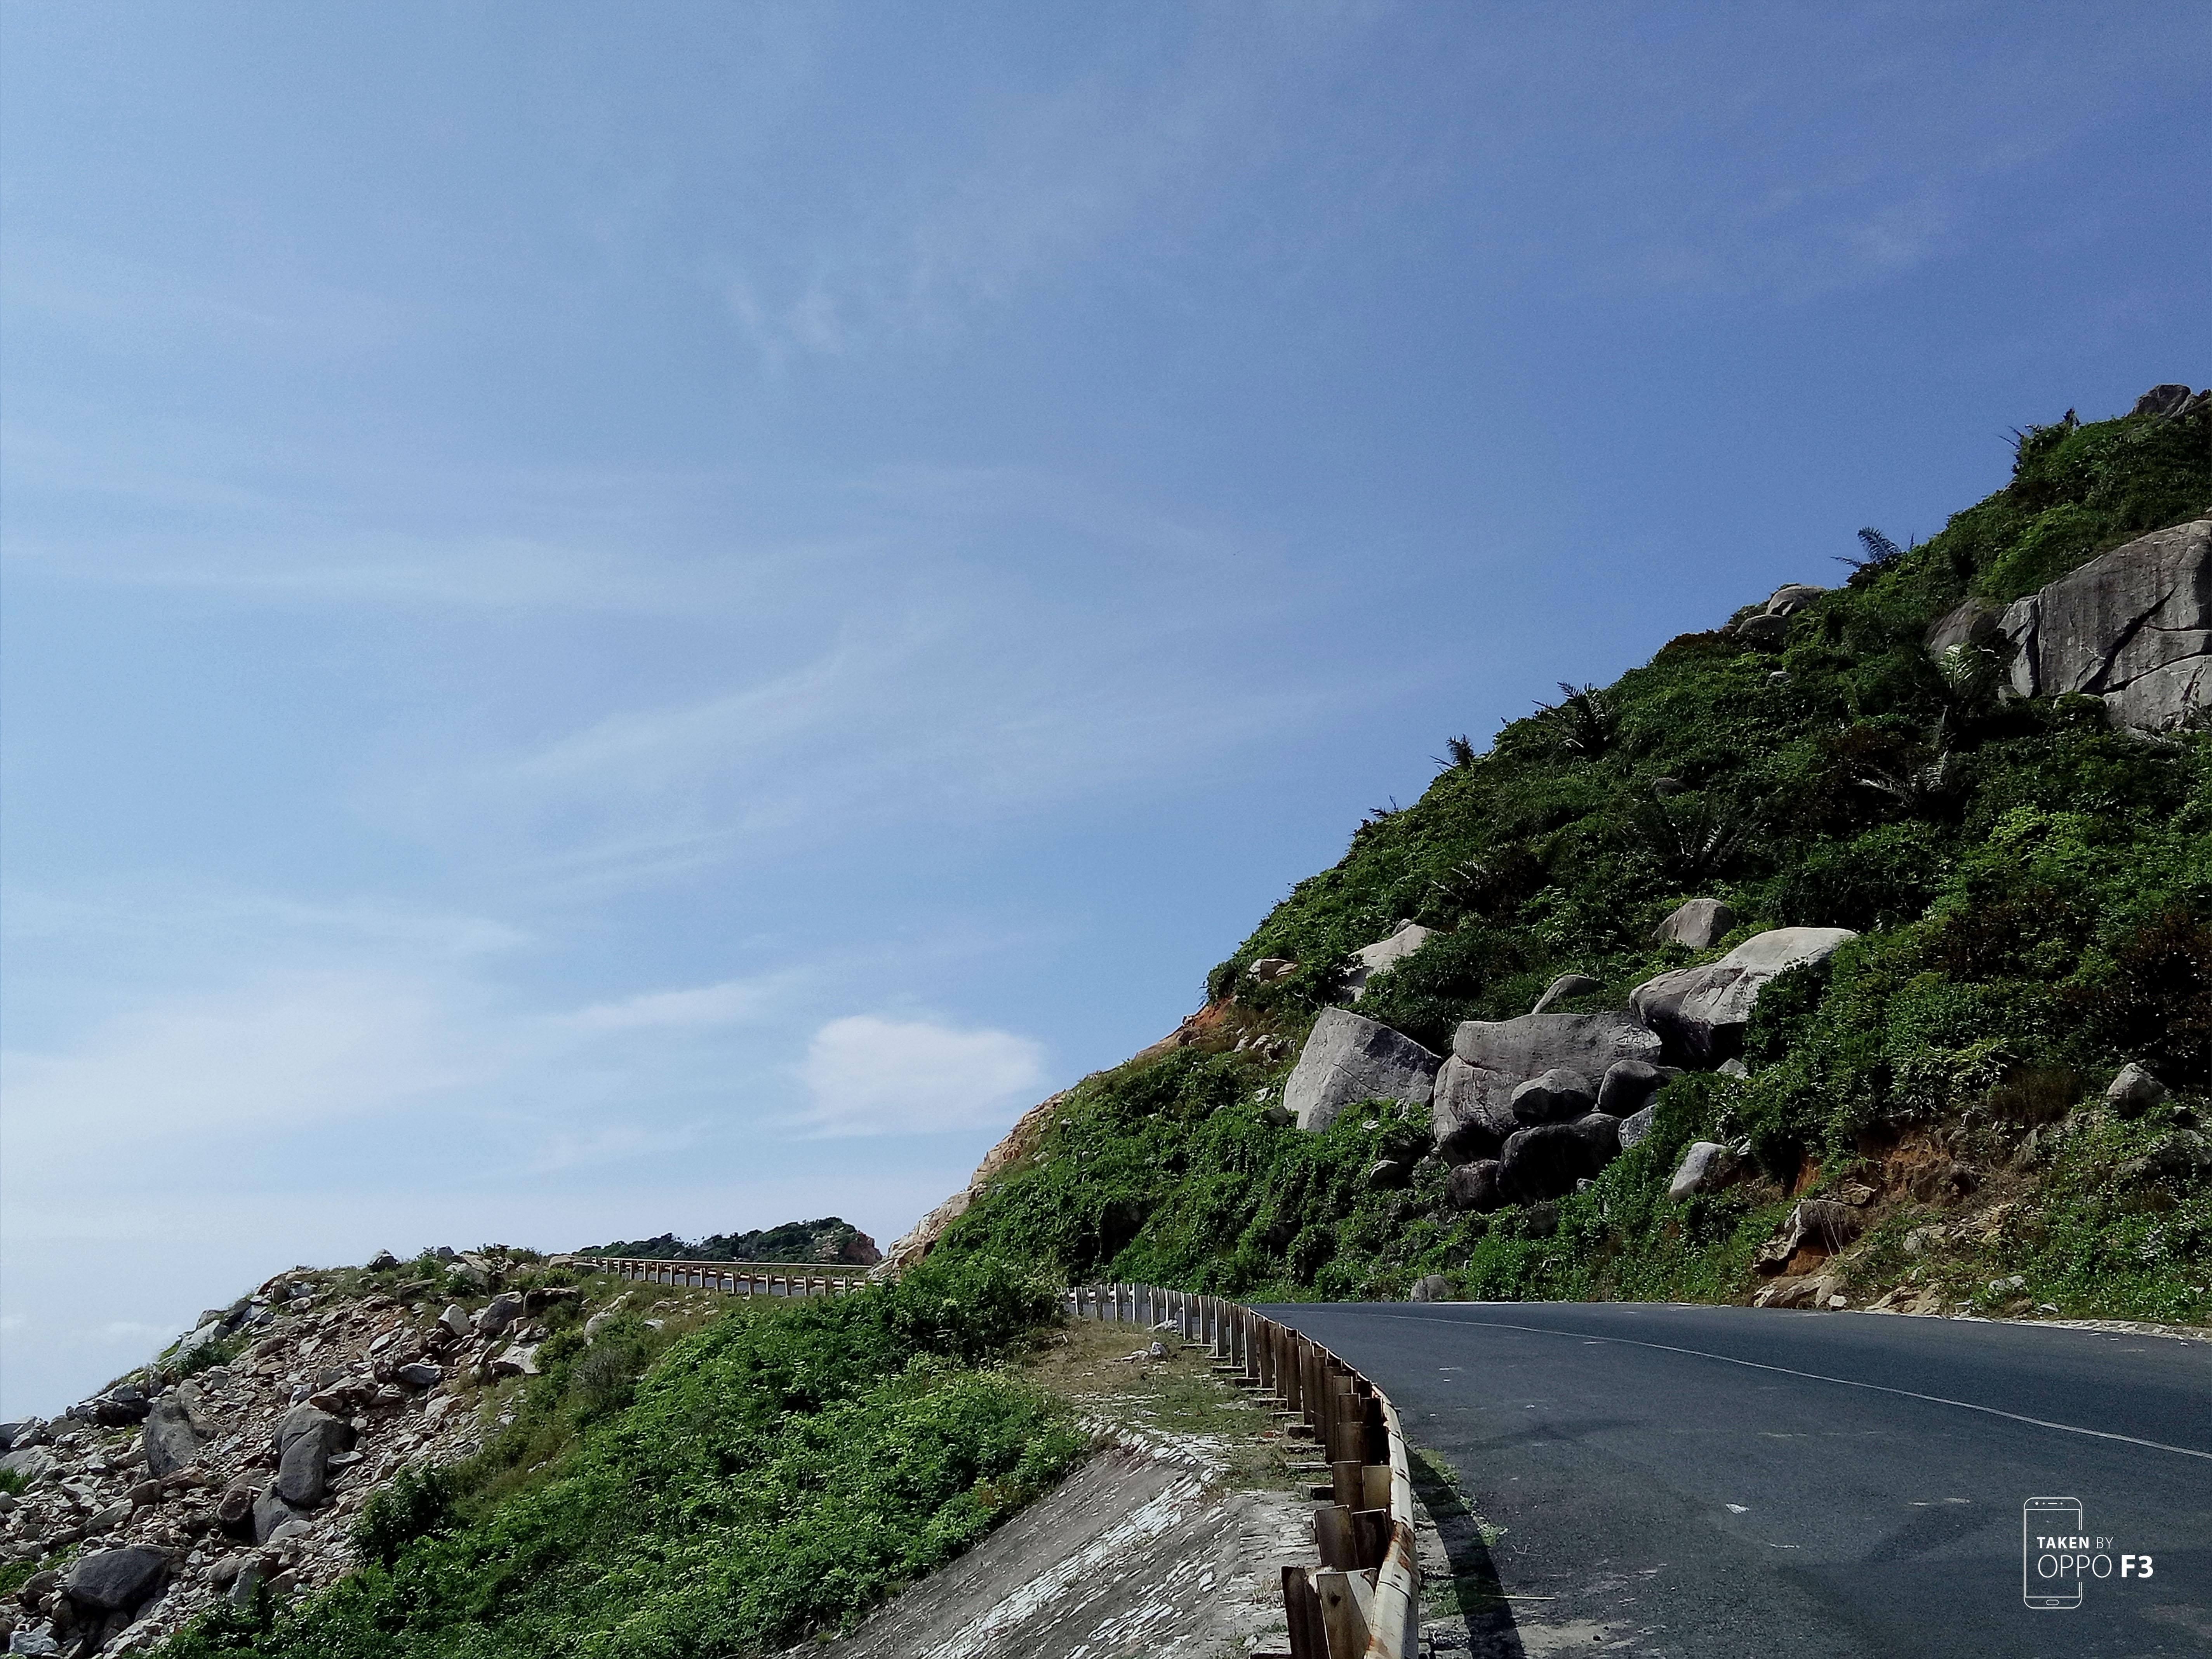 Xem xong bộ ảnh này, bạn sẽ hiểu vì sao người ta gọi Phú Yên là thiên đường mới của Việt Nam! - Ảnh 18.